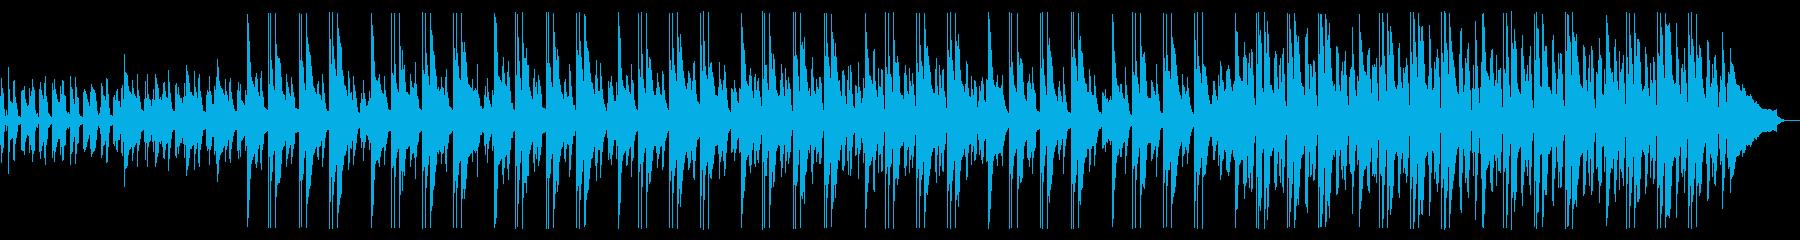 【ドラム抜き】ムービーに最適な爽やかア…の再生済みの波形